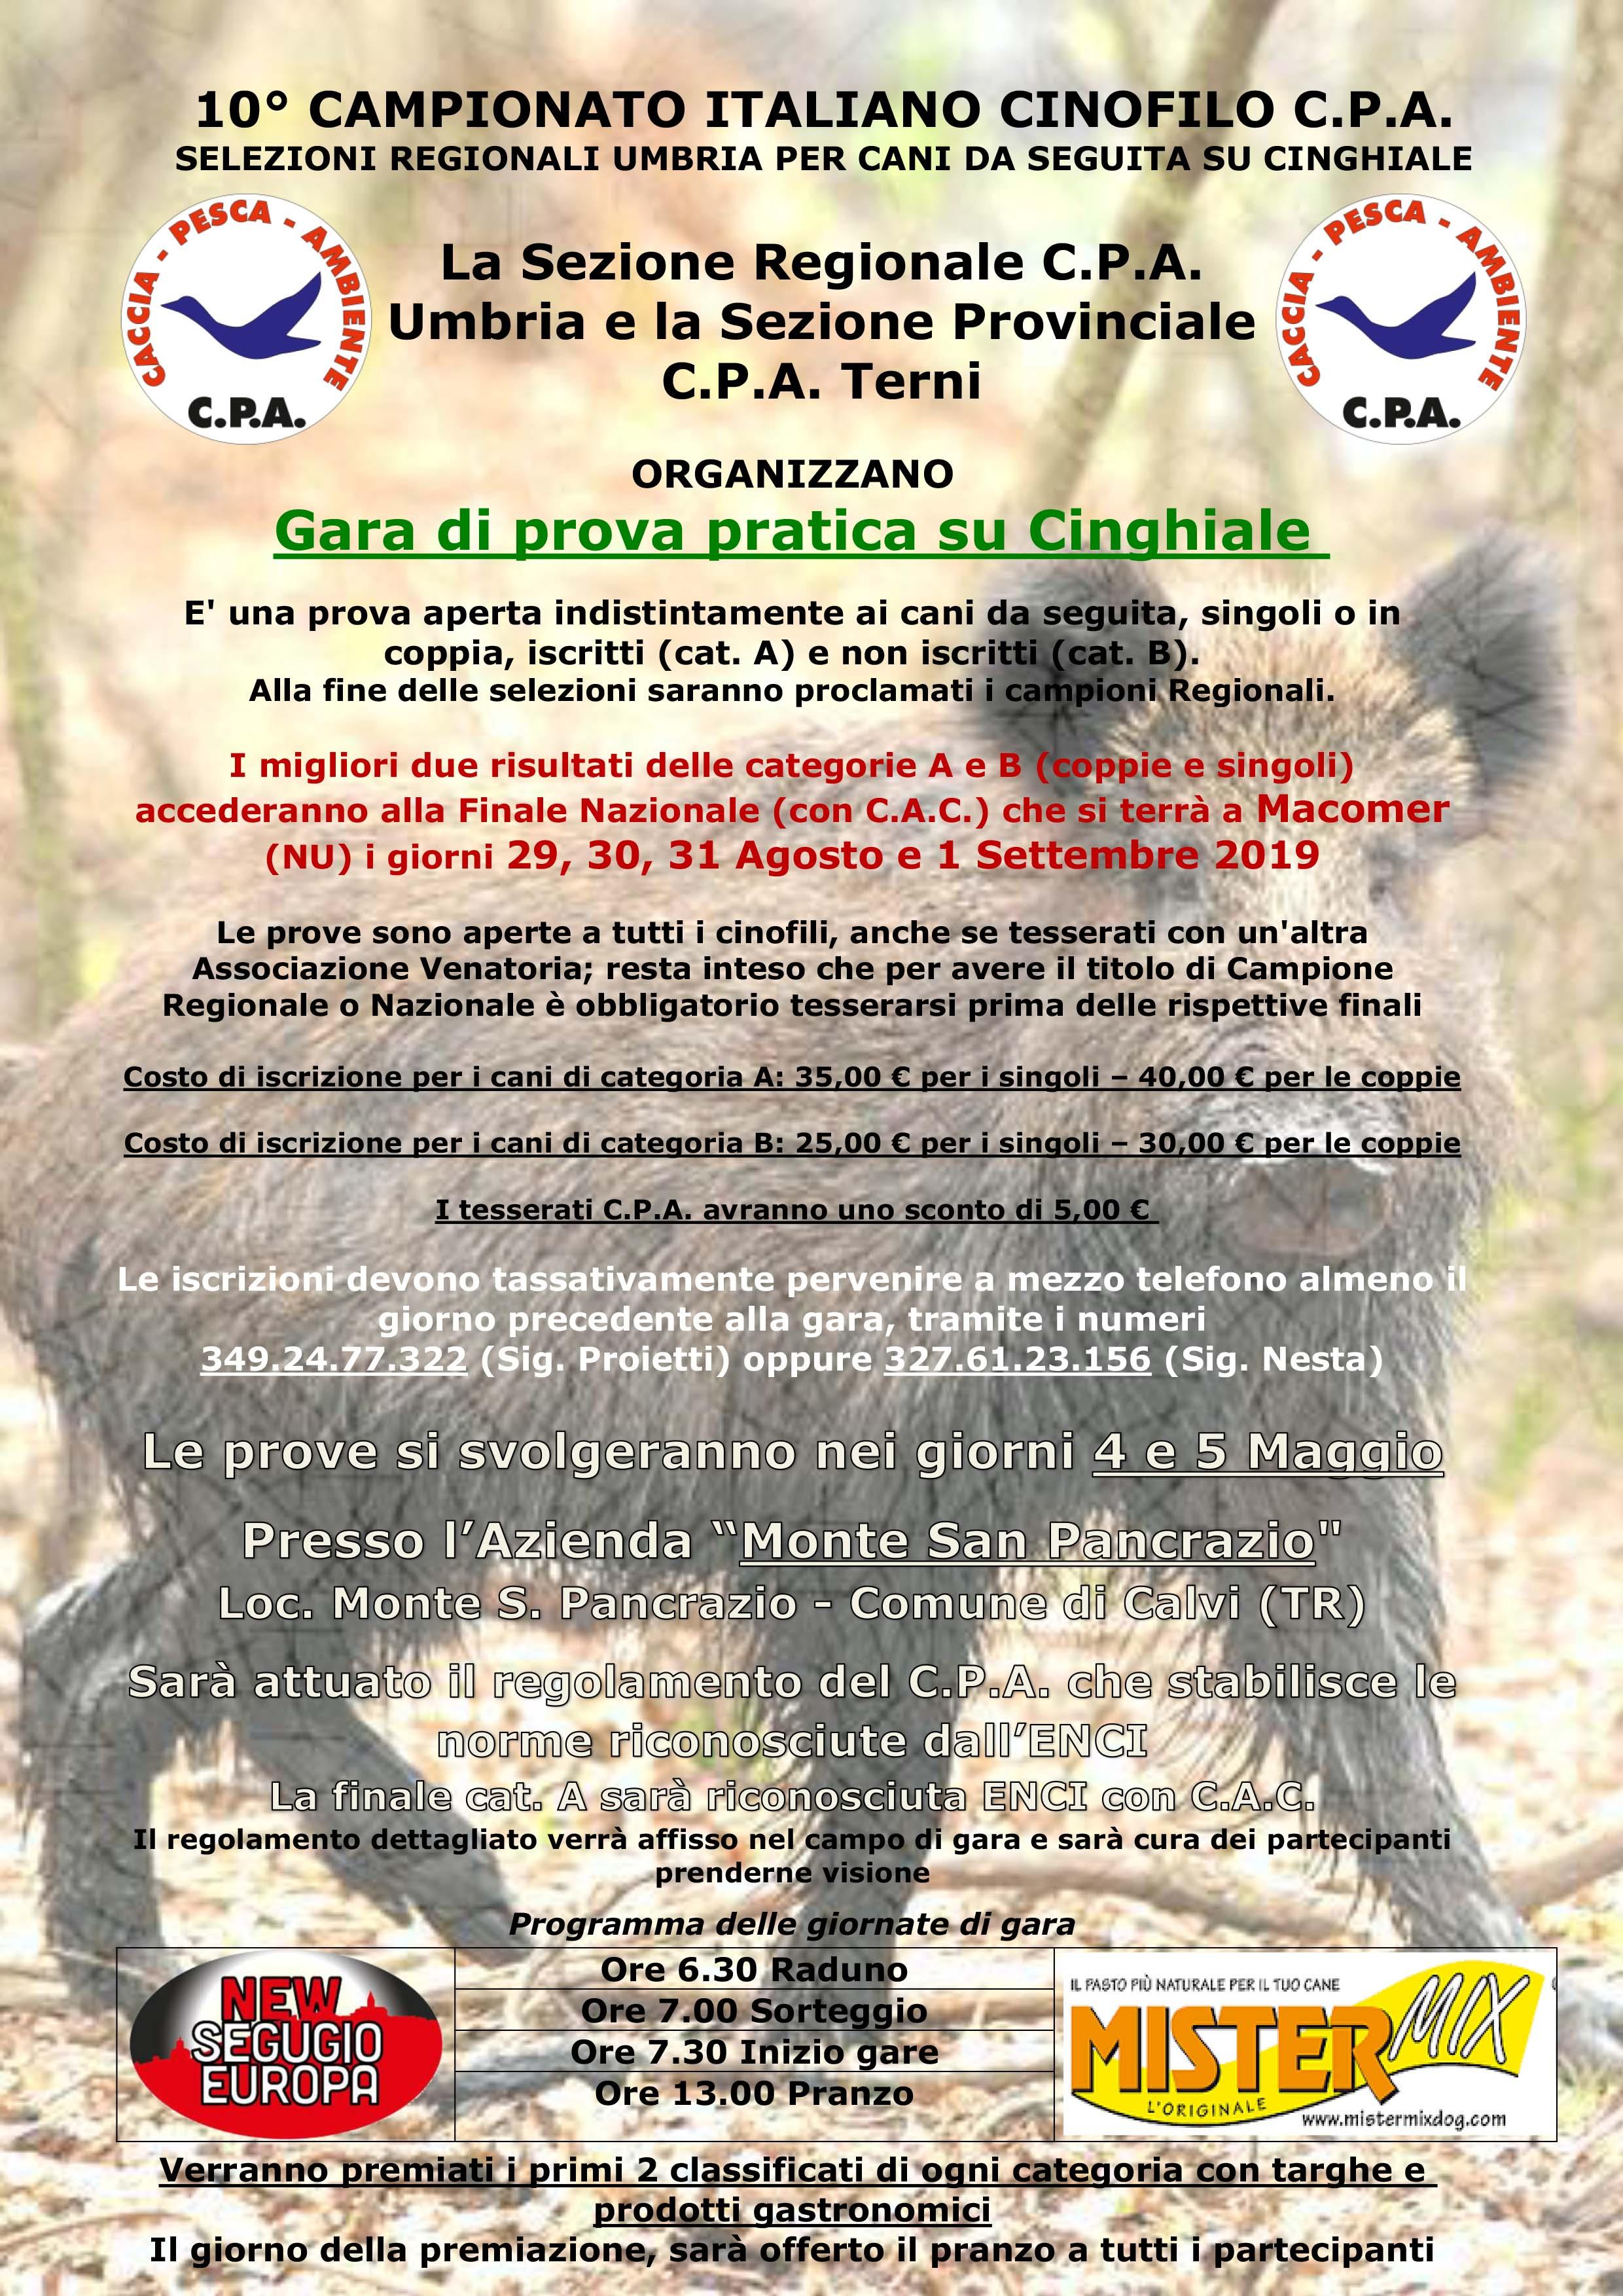 SELEZIONI REGIONALI UMBRIA PER CANI DA SEGUITA SU CINGHIALE – 10° CAMPIONATO ITALIANO CINOFILO C.P.A.